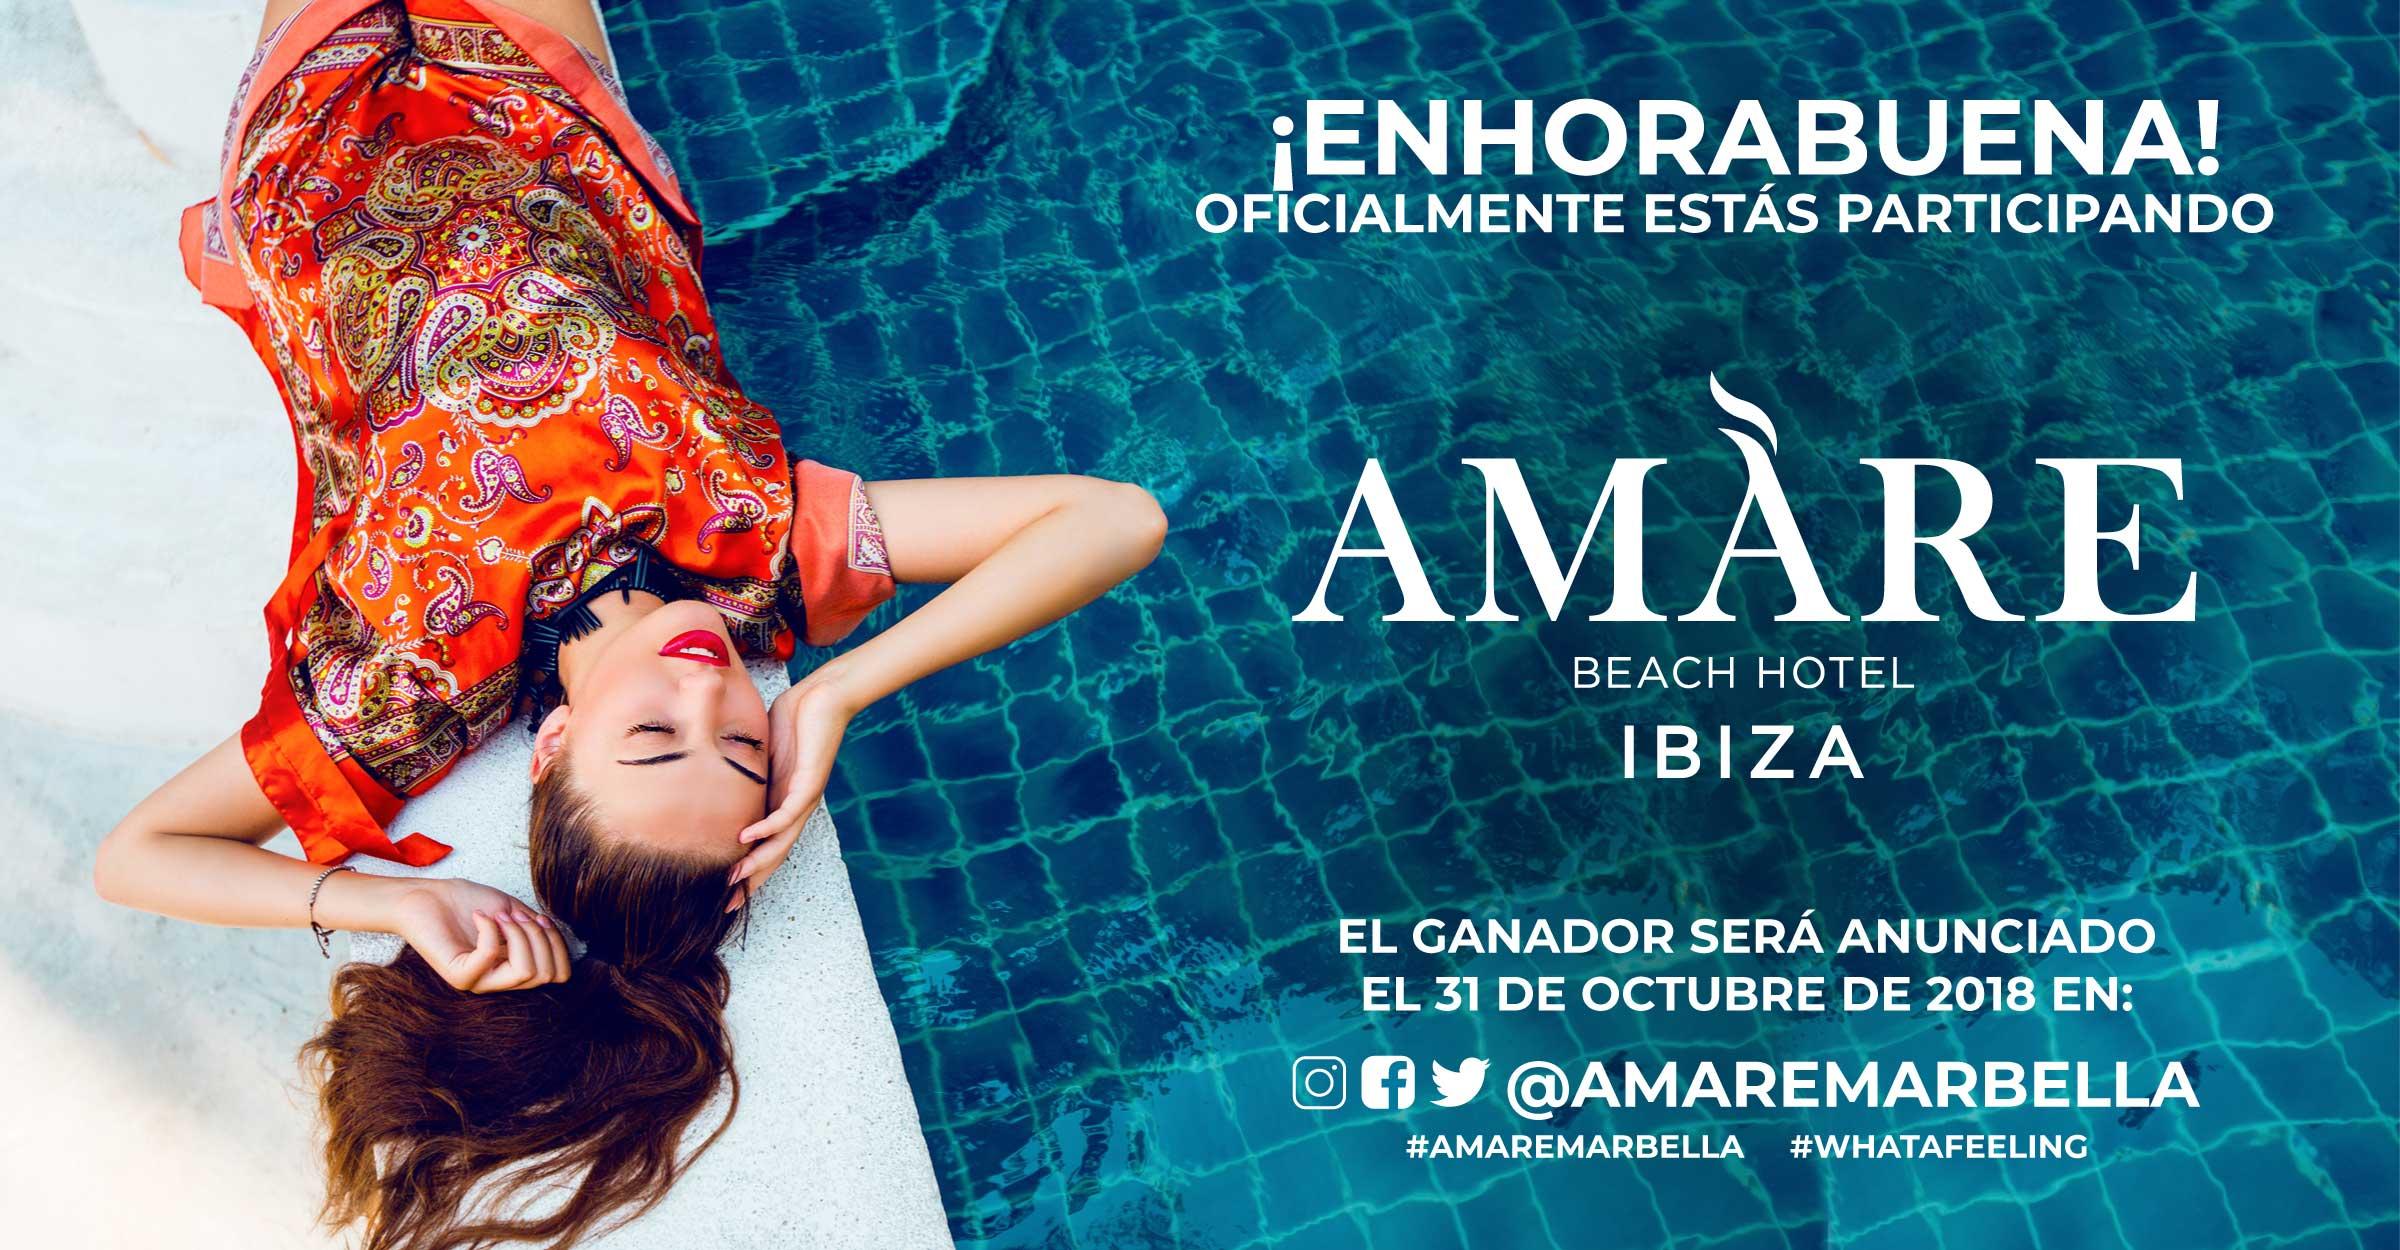 oferta-verano-amare-marbella-thanks-page-es